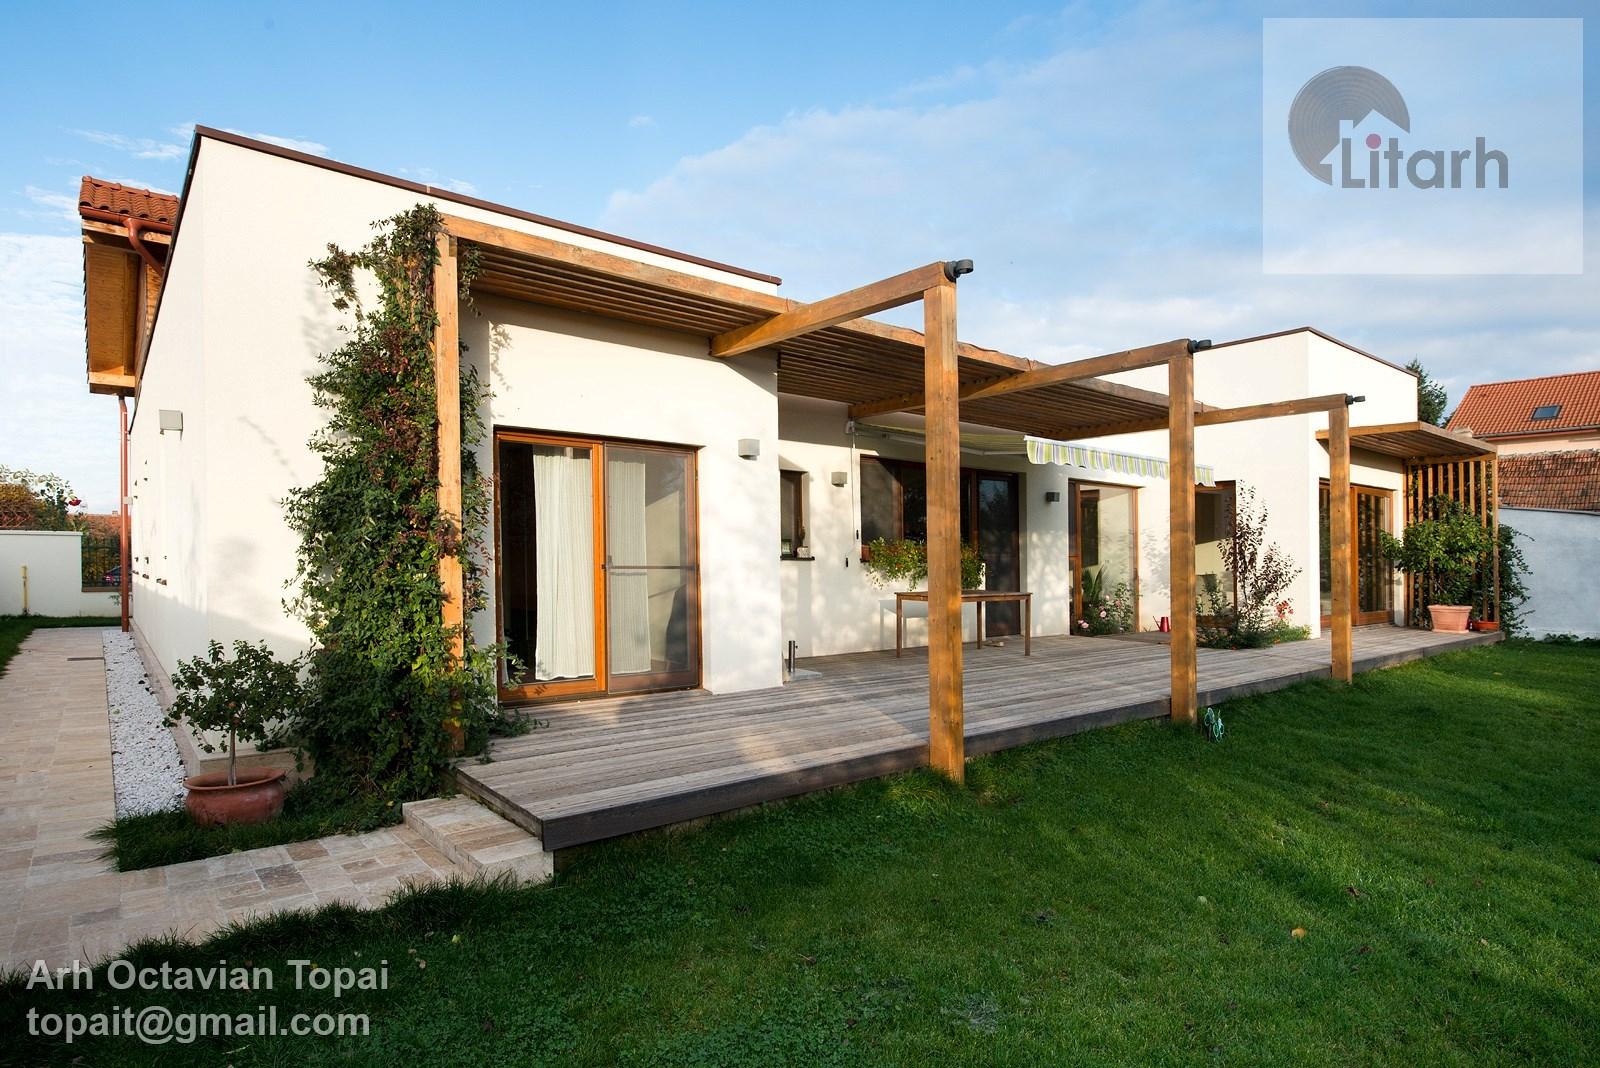 Maison en bois roumanie id e int ressante pour la conception de meubles en bois qui inspire - Maison en bois en kit roumanie ...